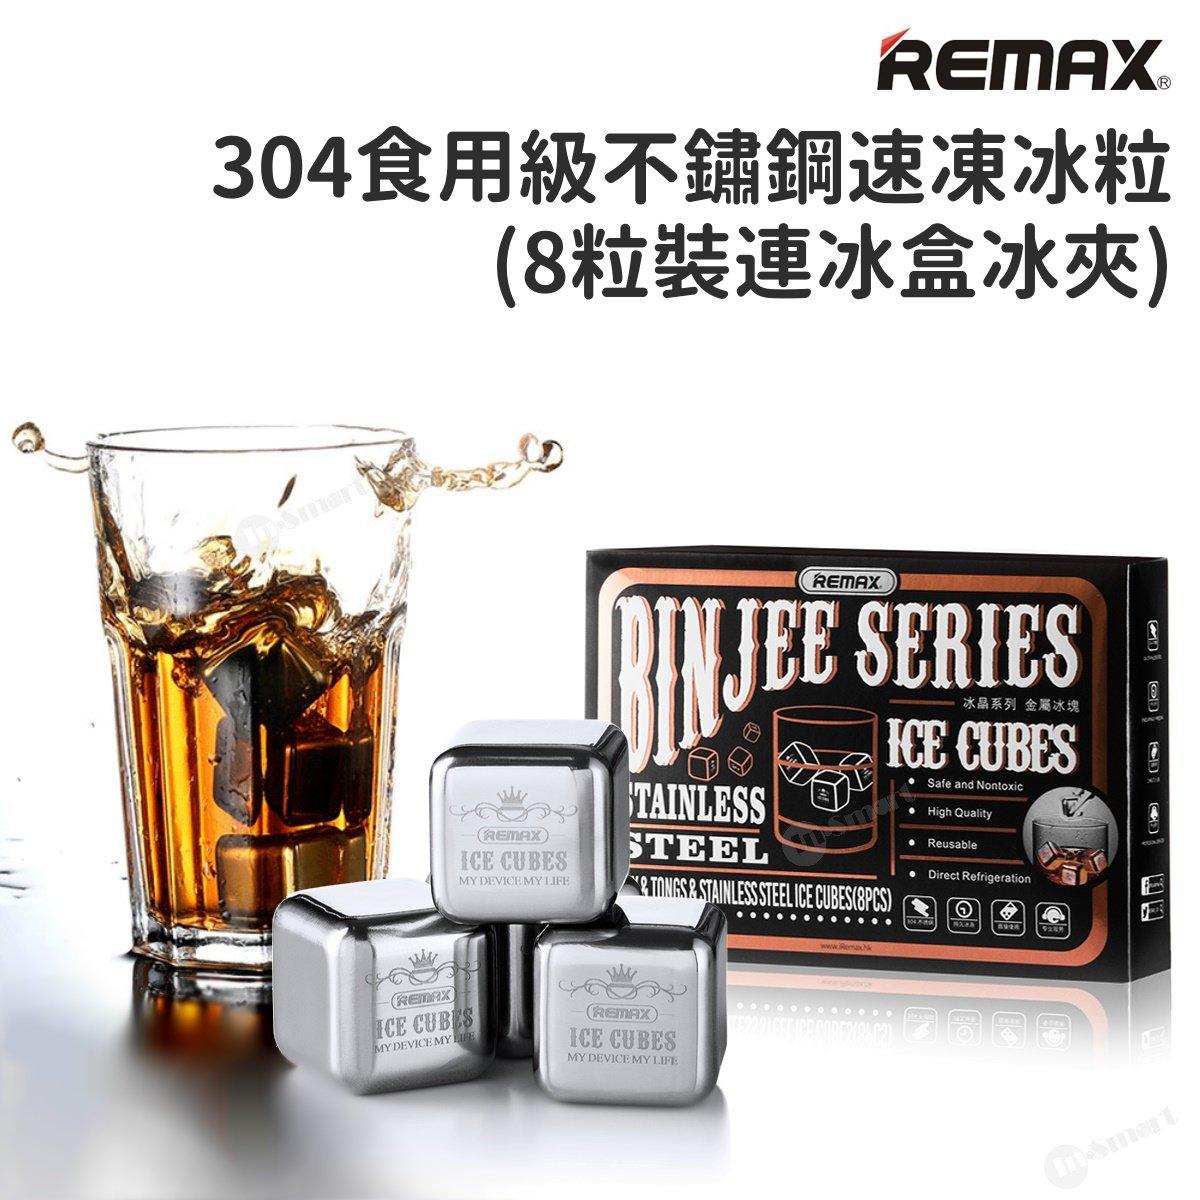 速凍食用級不銹鋼環保冰粒/冰塊 (8粒裝連保存盒及冰夾)